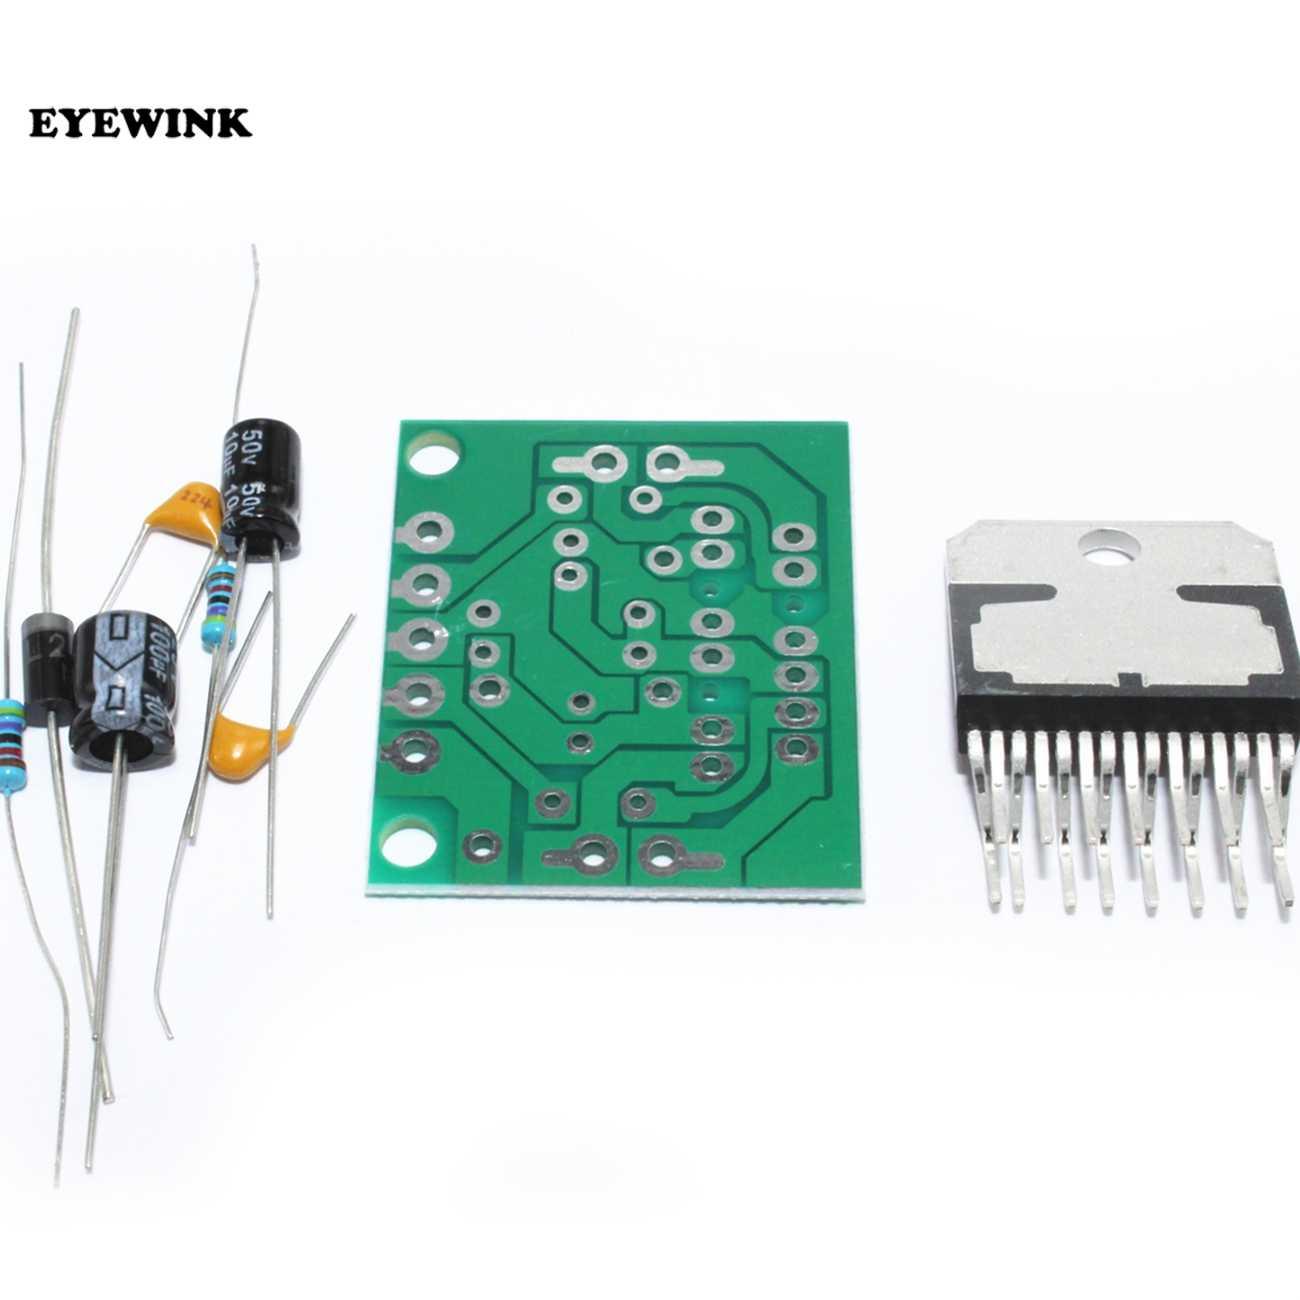 1pcs TDA7297 carte amplificateur pièces de rechange dc 12v grade 2.0 double encodage audio 15w kit de bricolage électronique